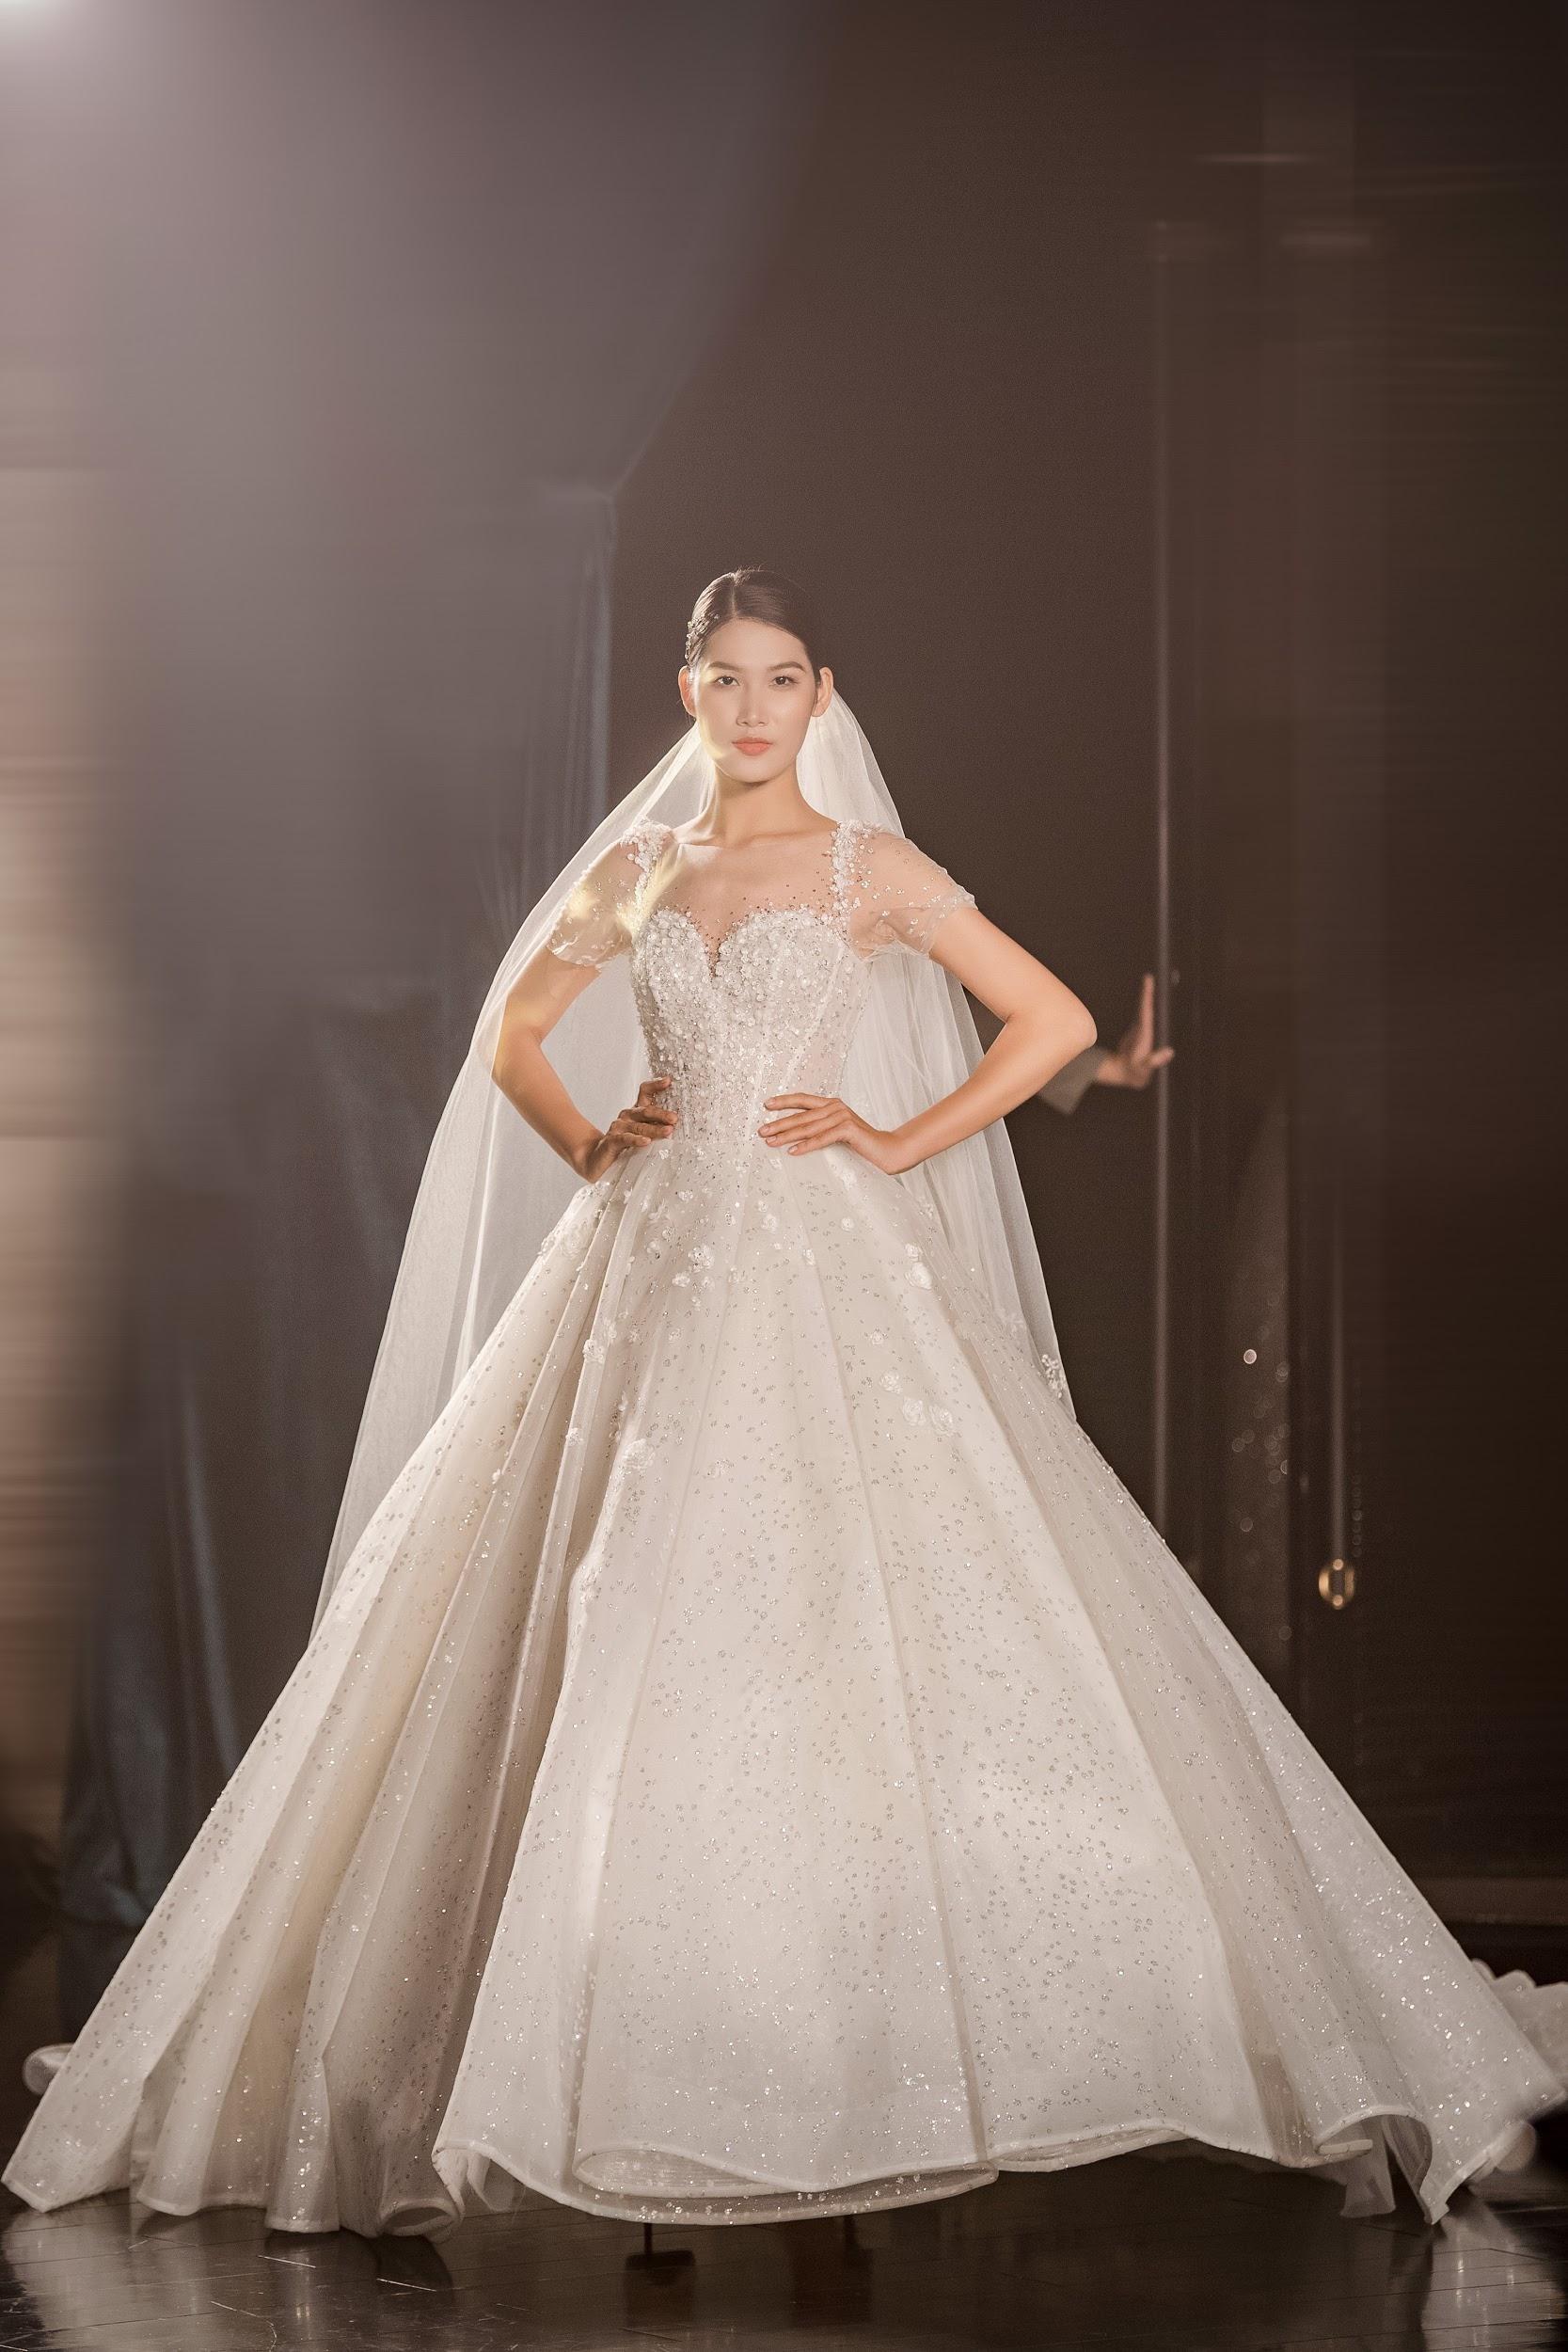 Lecia Bridal ra mắt dòng váy Luxury đính hàng trăm ngàn viên pha lê Swarovski - Ảnh 12.